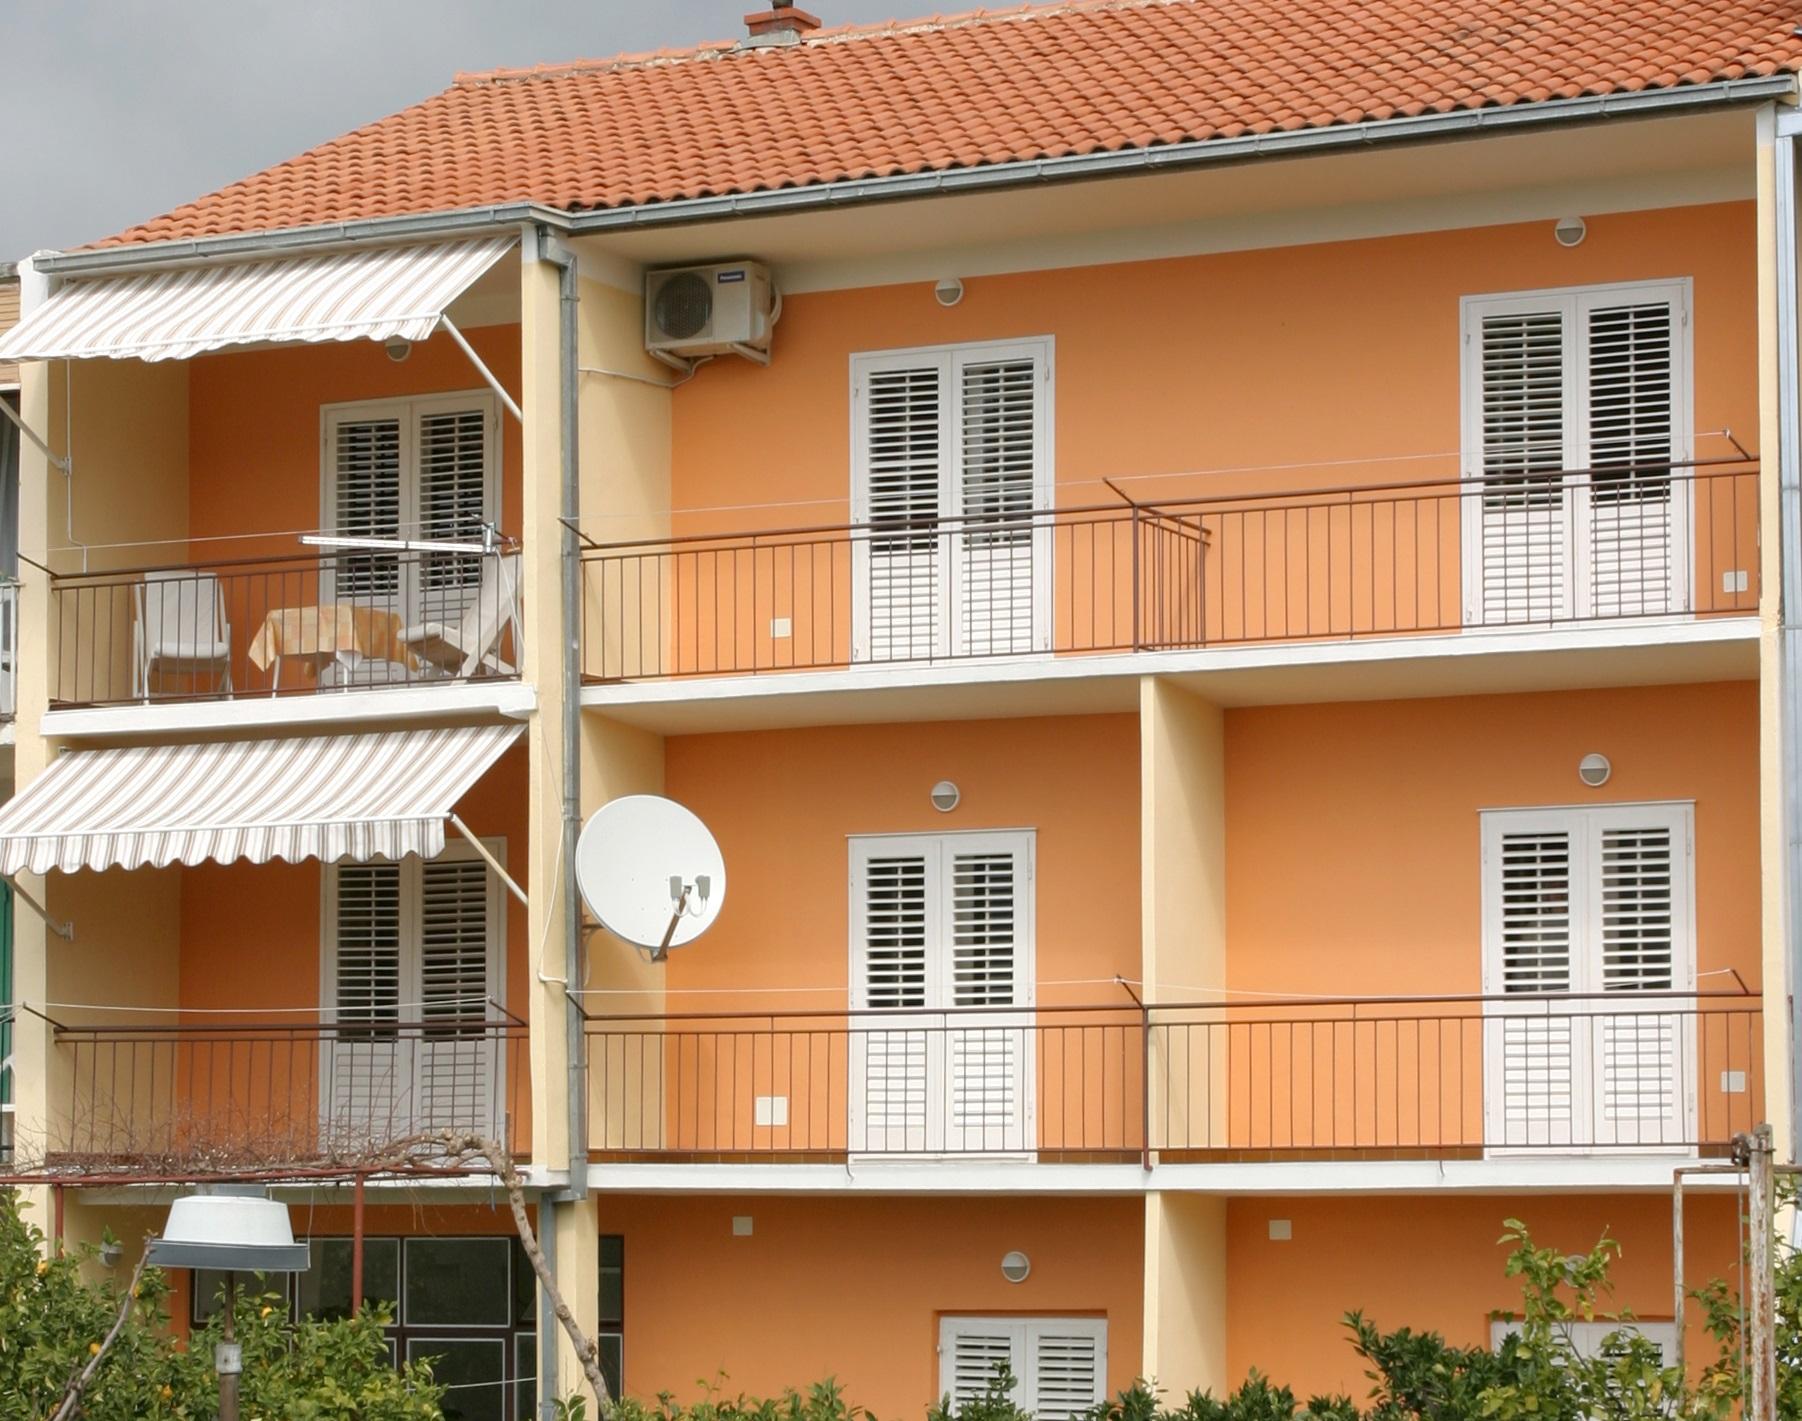 01813PODG  - Podgora - Apartamenty Chorwacja